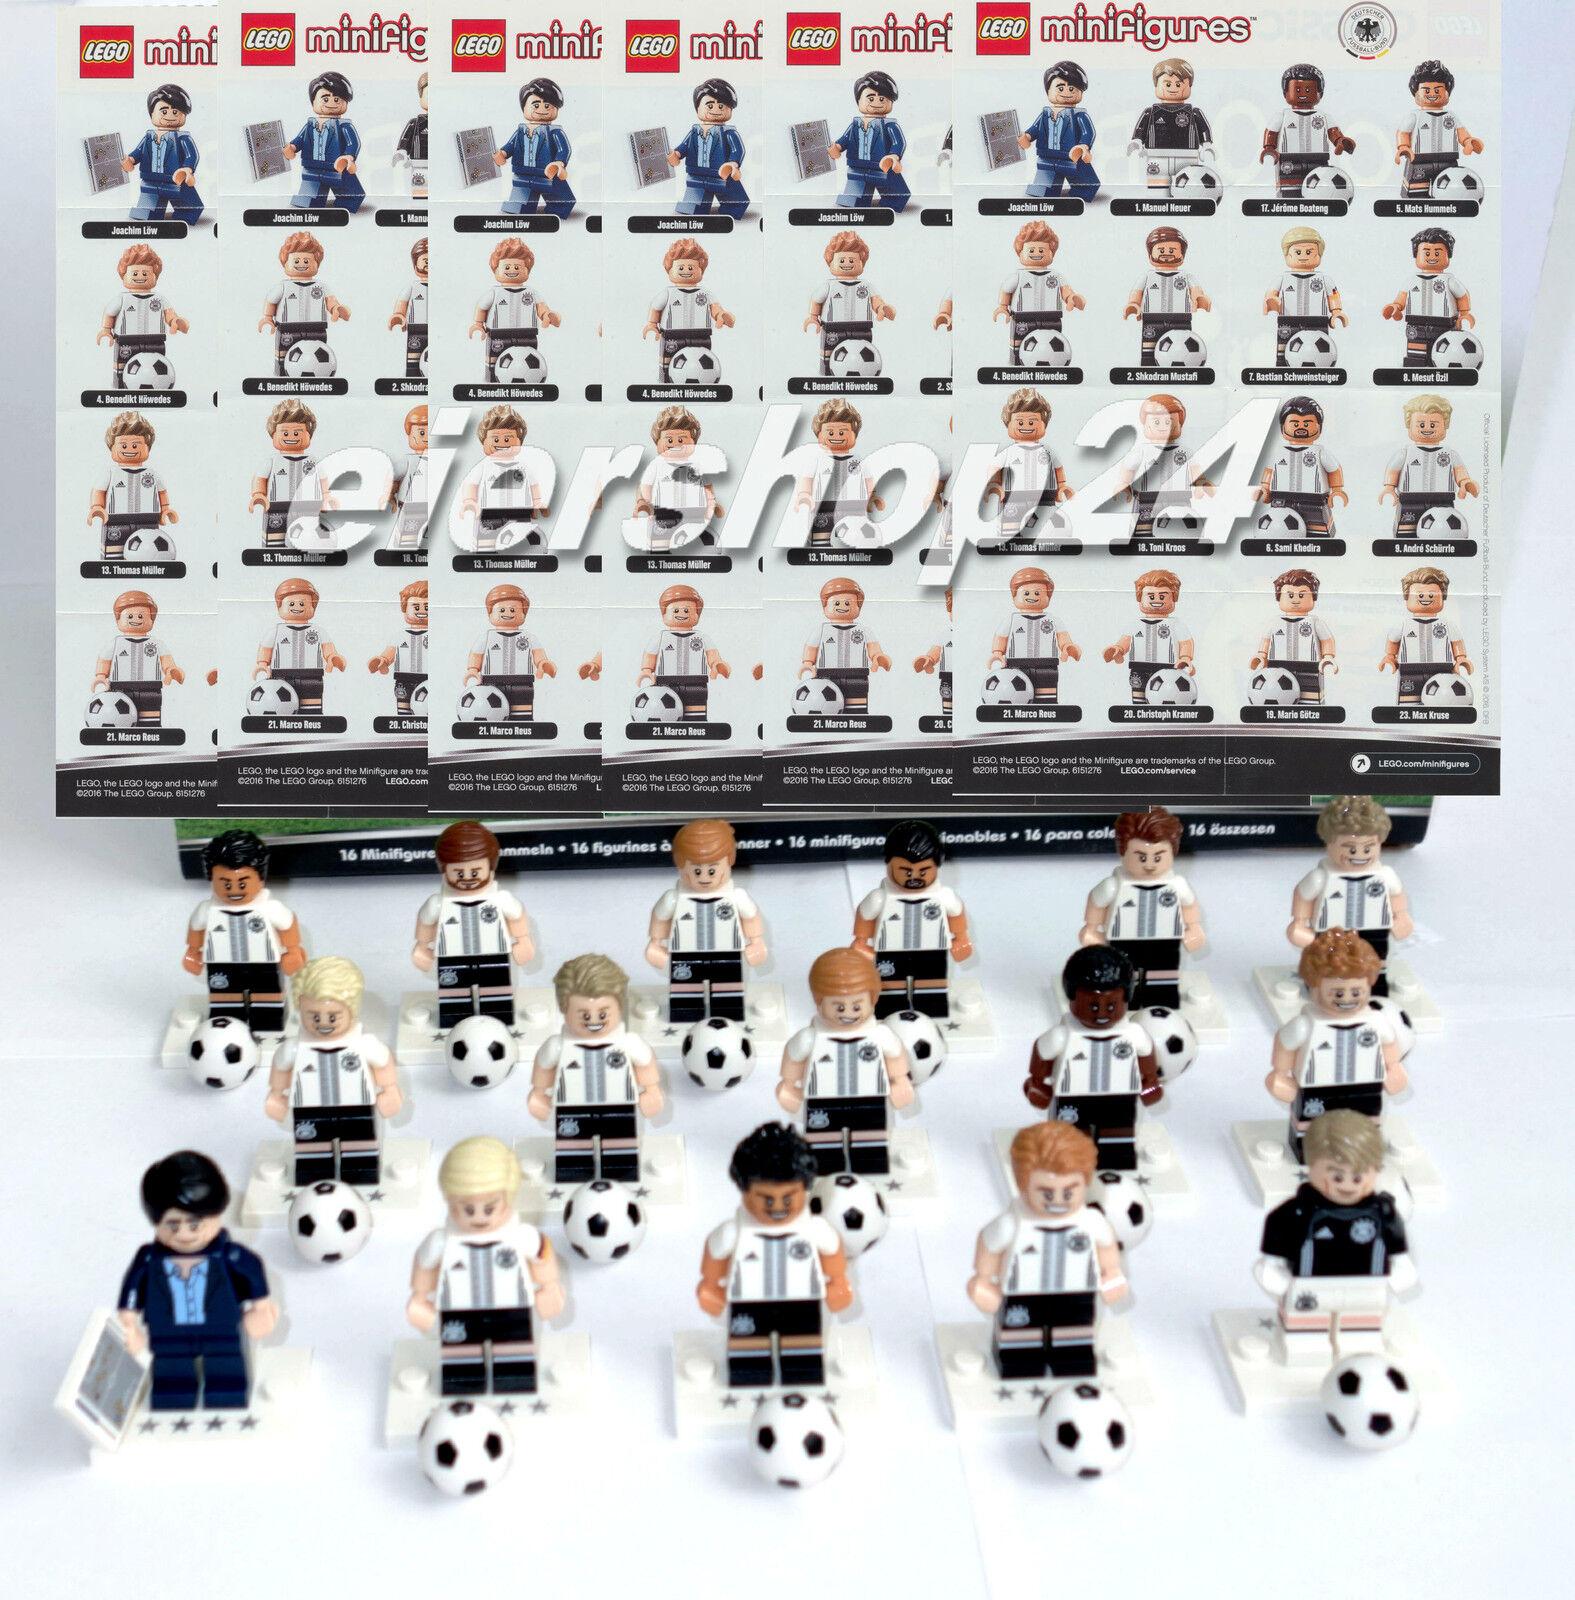 Complet jeu LEGO ® minifiguren  71014 DFB l'équipe de football Allemagne